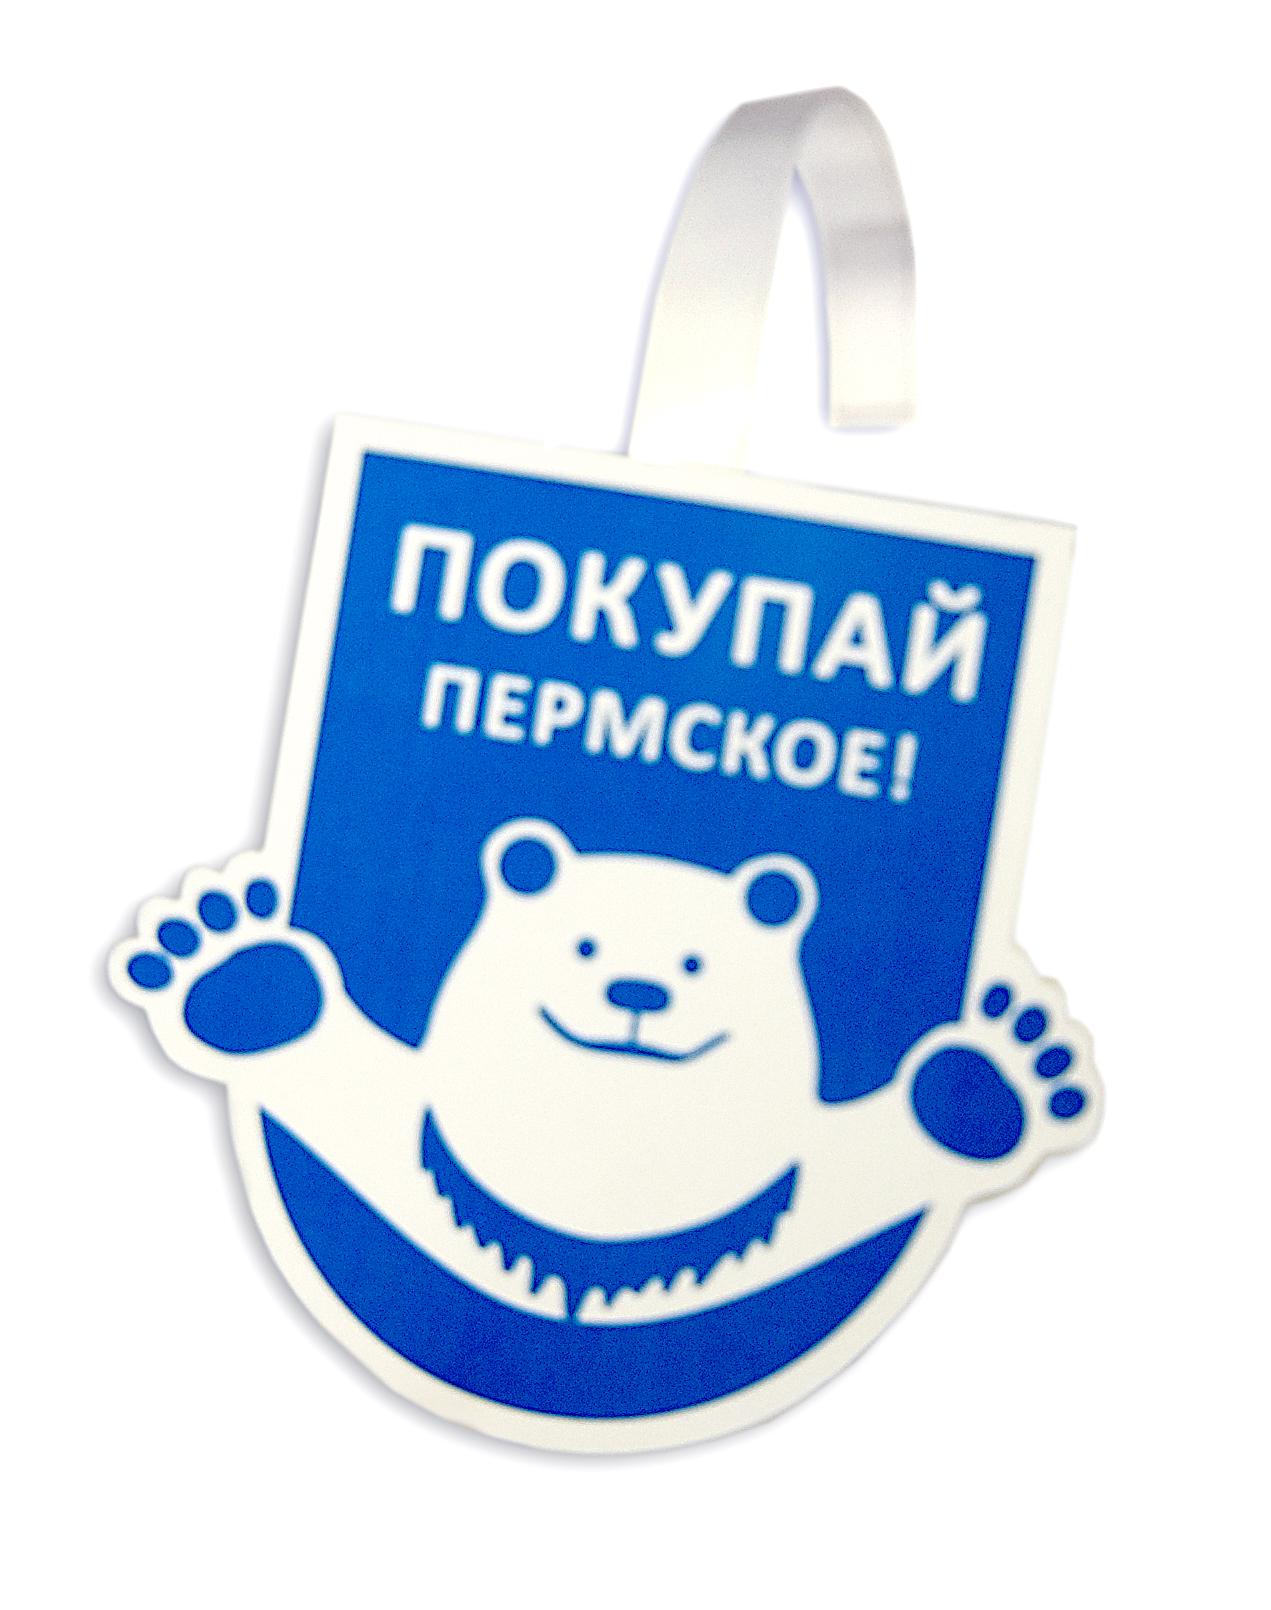 Воблер рекламный вырубной Покупай Пермское